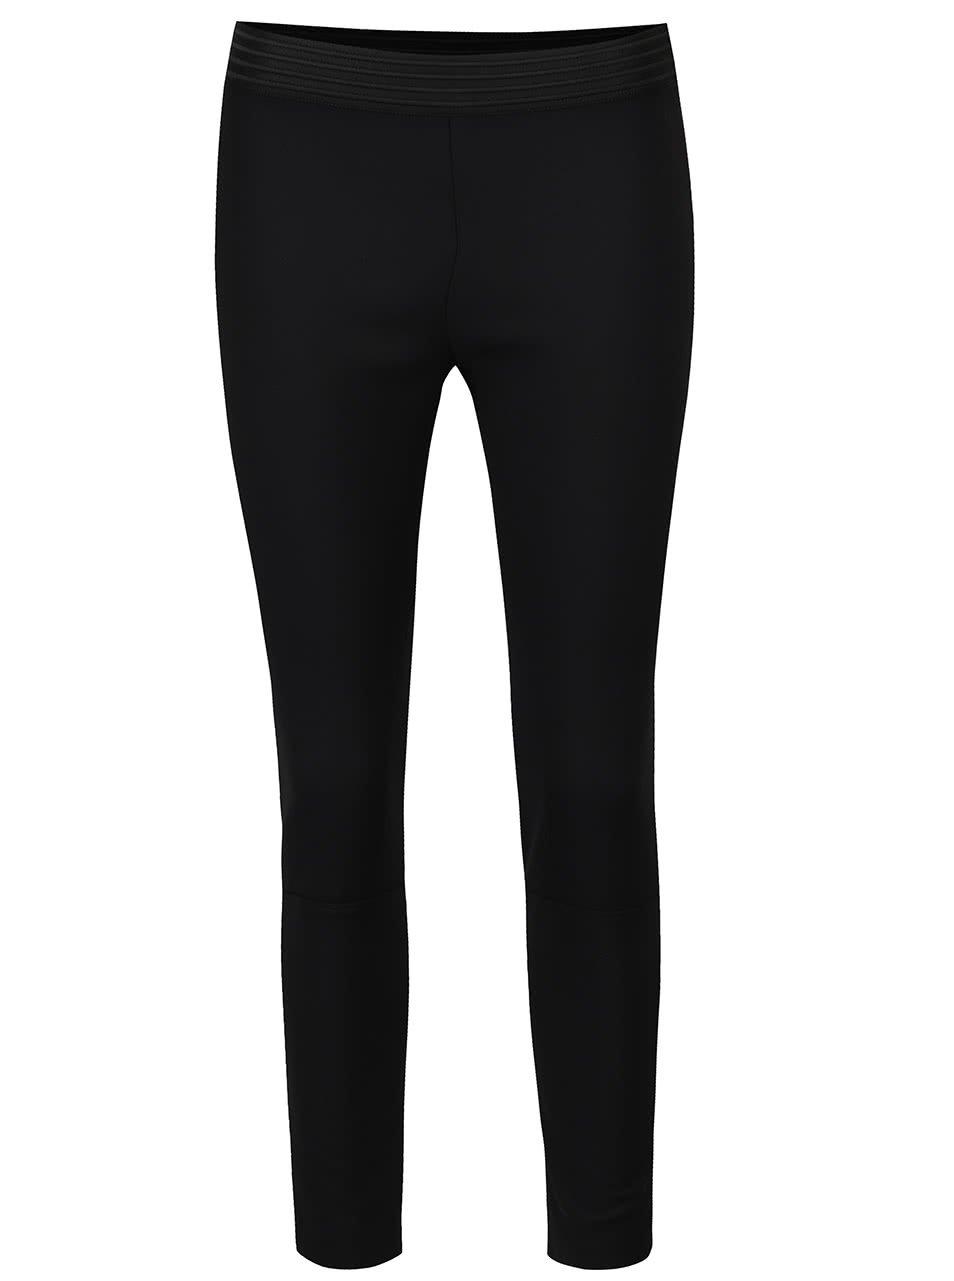 Černé kalhoty s výraznou gumou v pase French Connection Glass